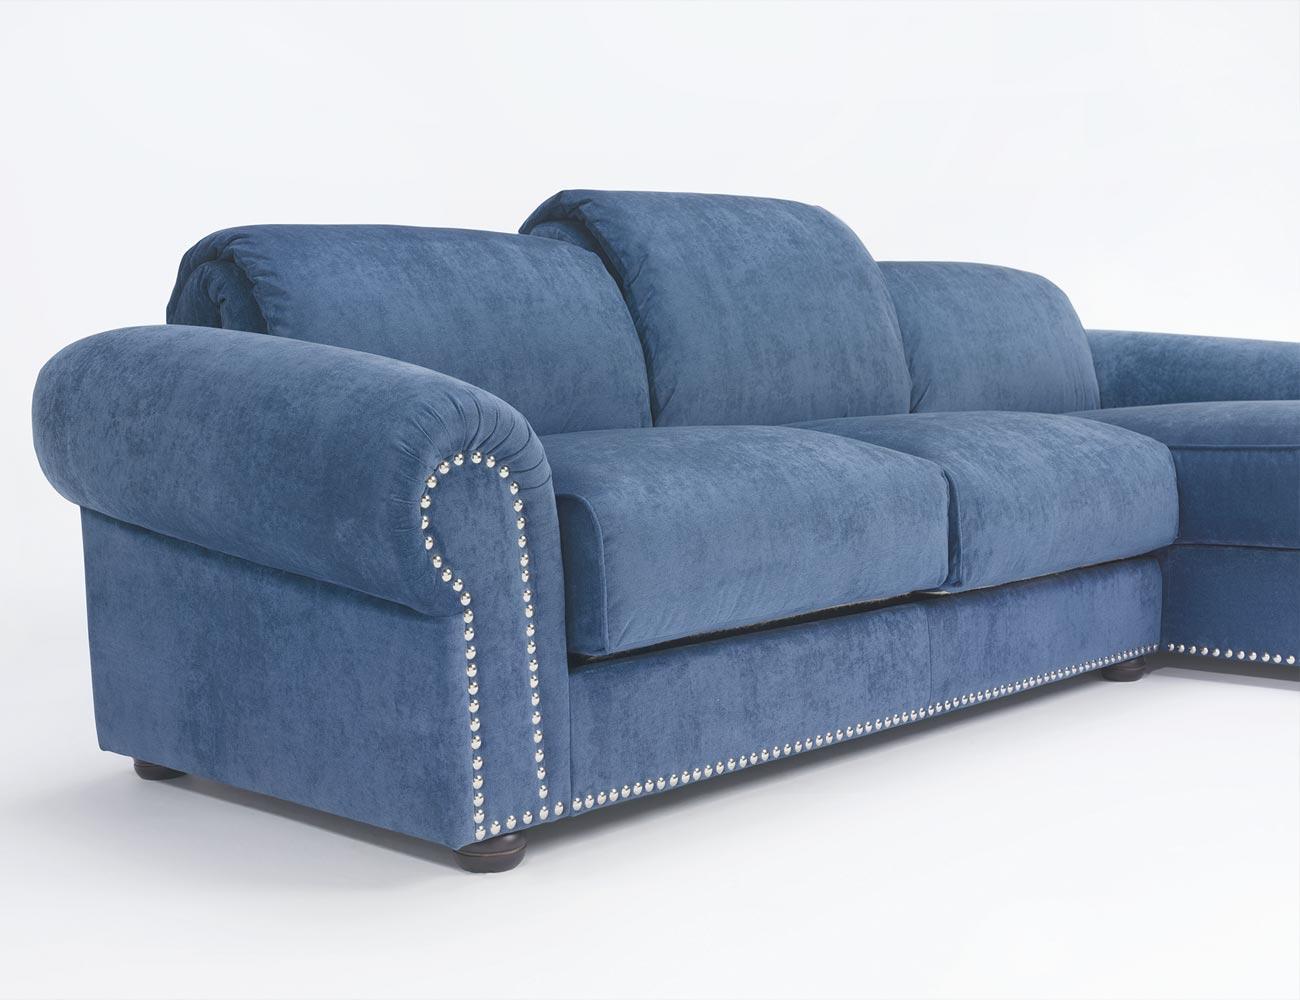 Sofa chaiselongue gran lujo decorativo azul 1